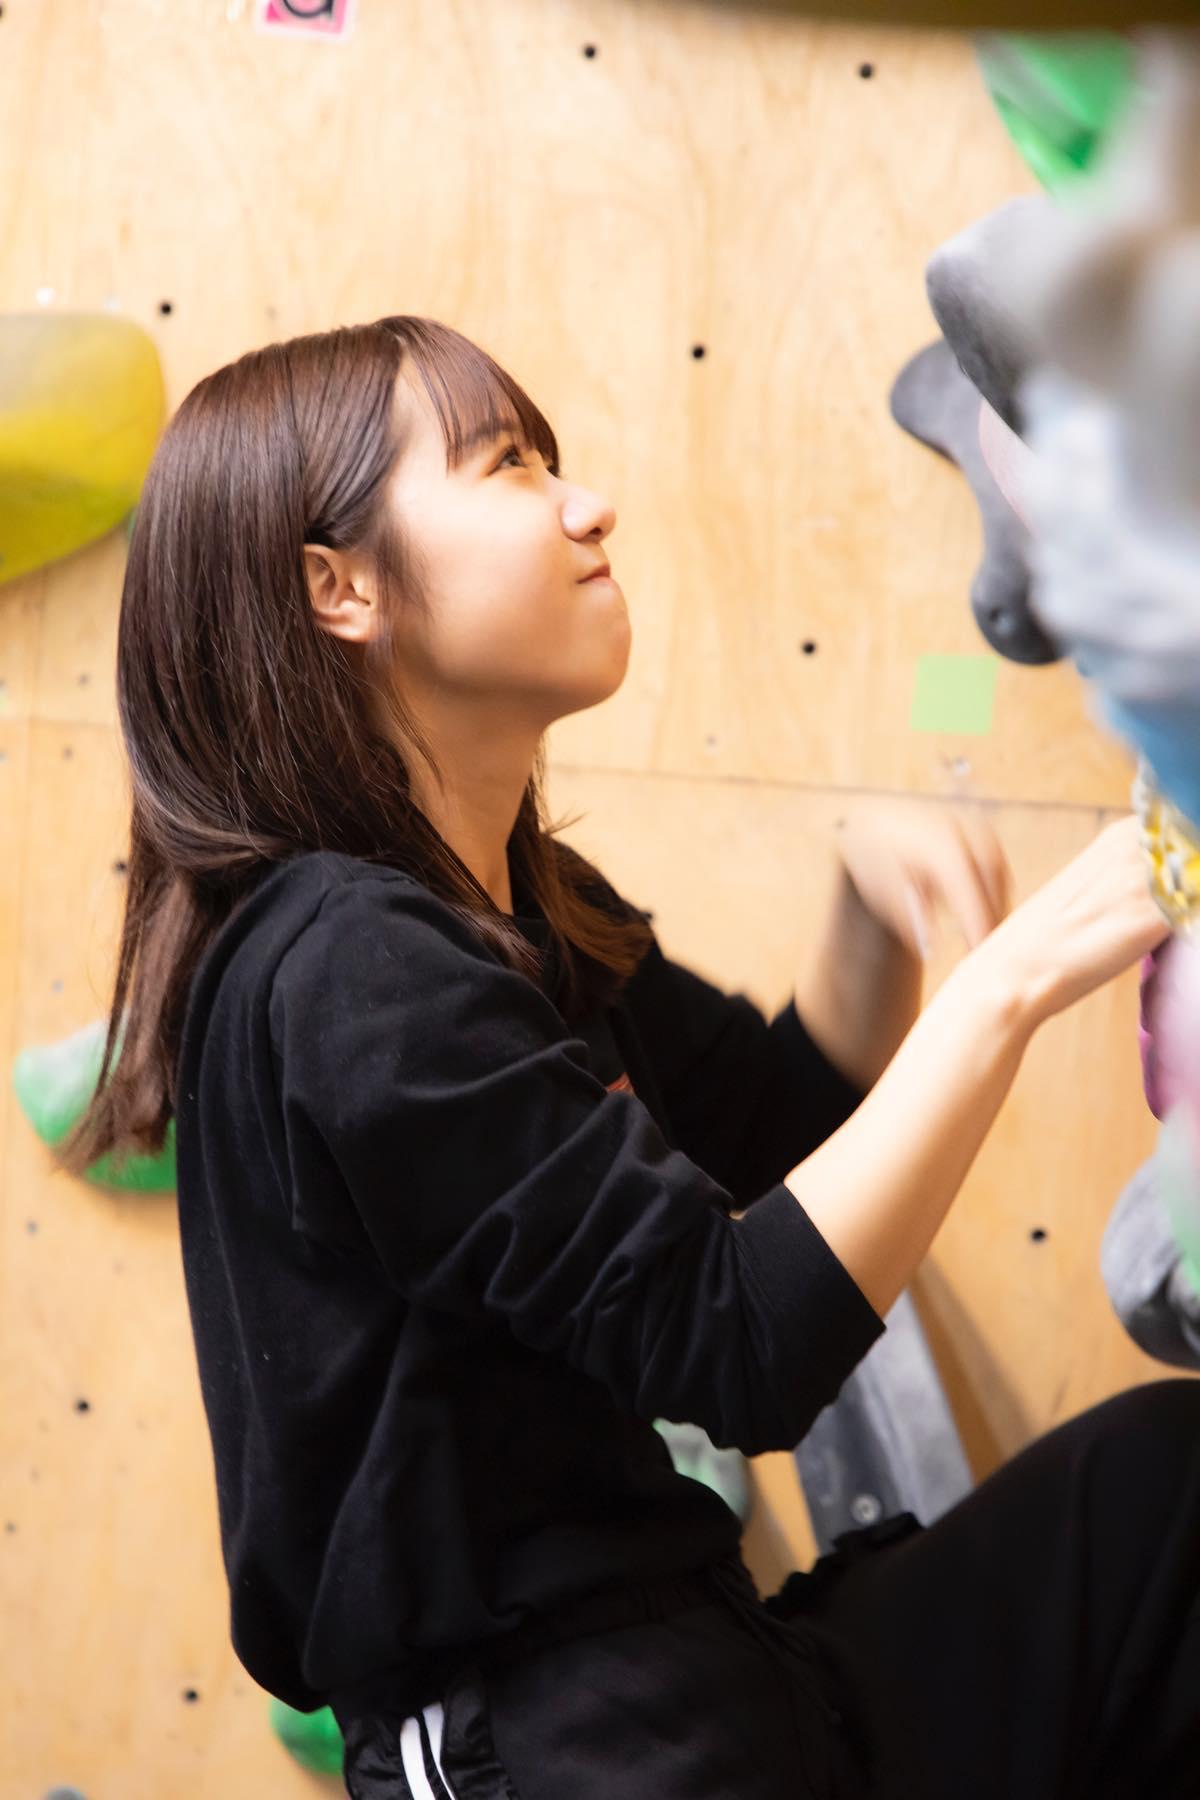 鈴木遥夏「ボルダリングで自分の壁を乗り越えろ」【画像44枚】【連載】ラストアイドルのすっぴん!vol.33の画像003